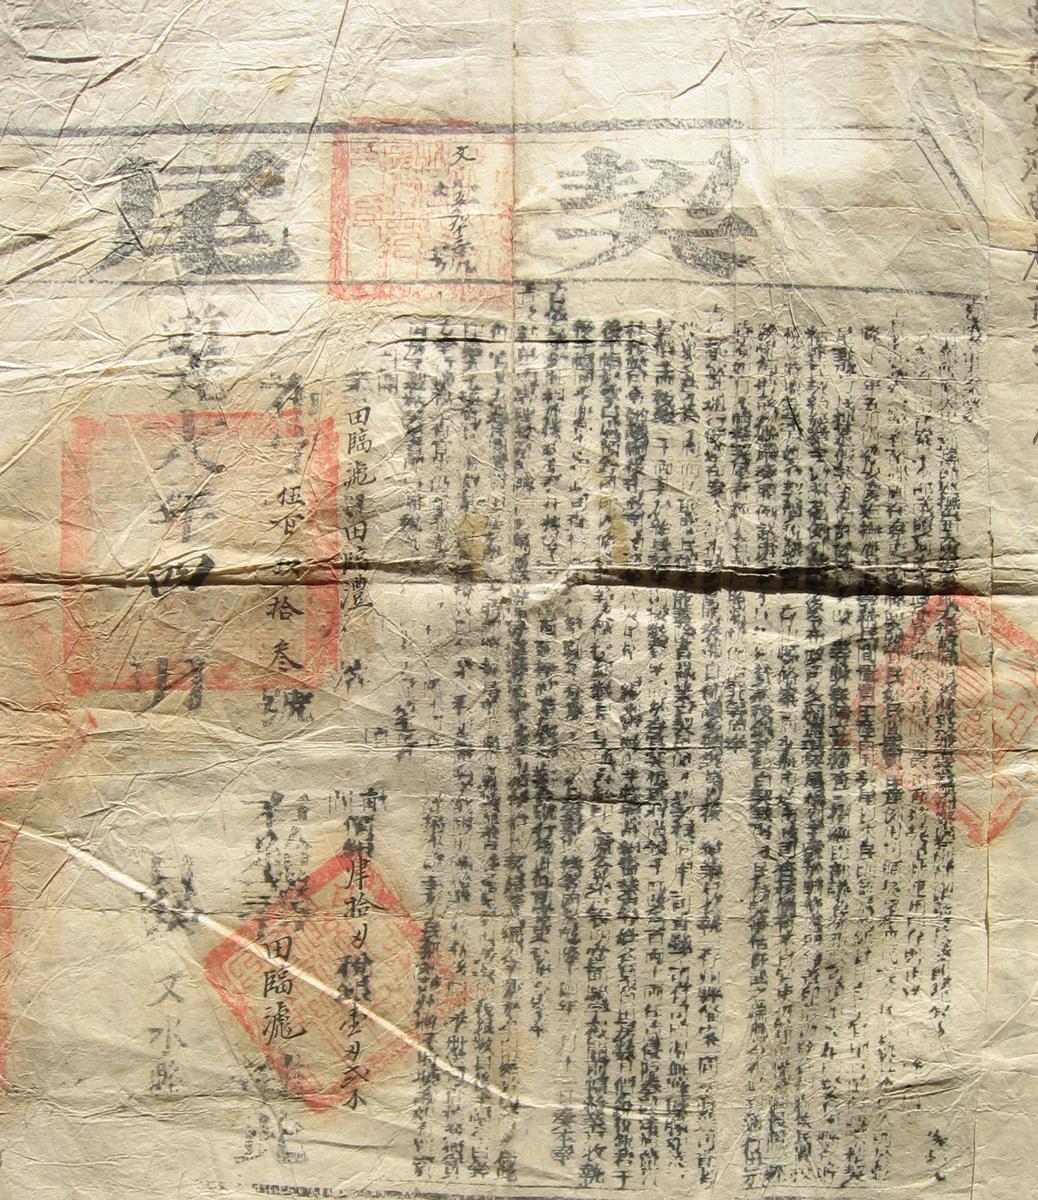 2 pièces en langue chinoise attestant des droits d'enregistrement (qiwei) pour la vente d'un terrain dans la province du 福建Fujian, l'un daté de Daoguang 18 (1838)道光十八年et l'autre de Tongzhi 12 同治十二(1860)